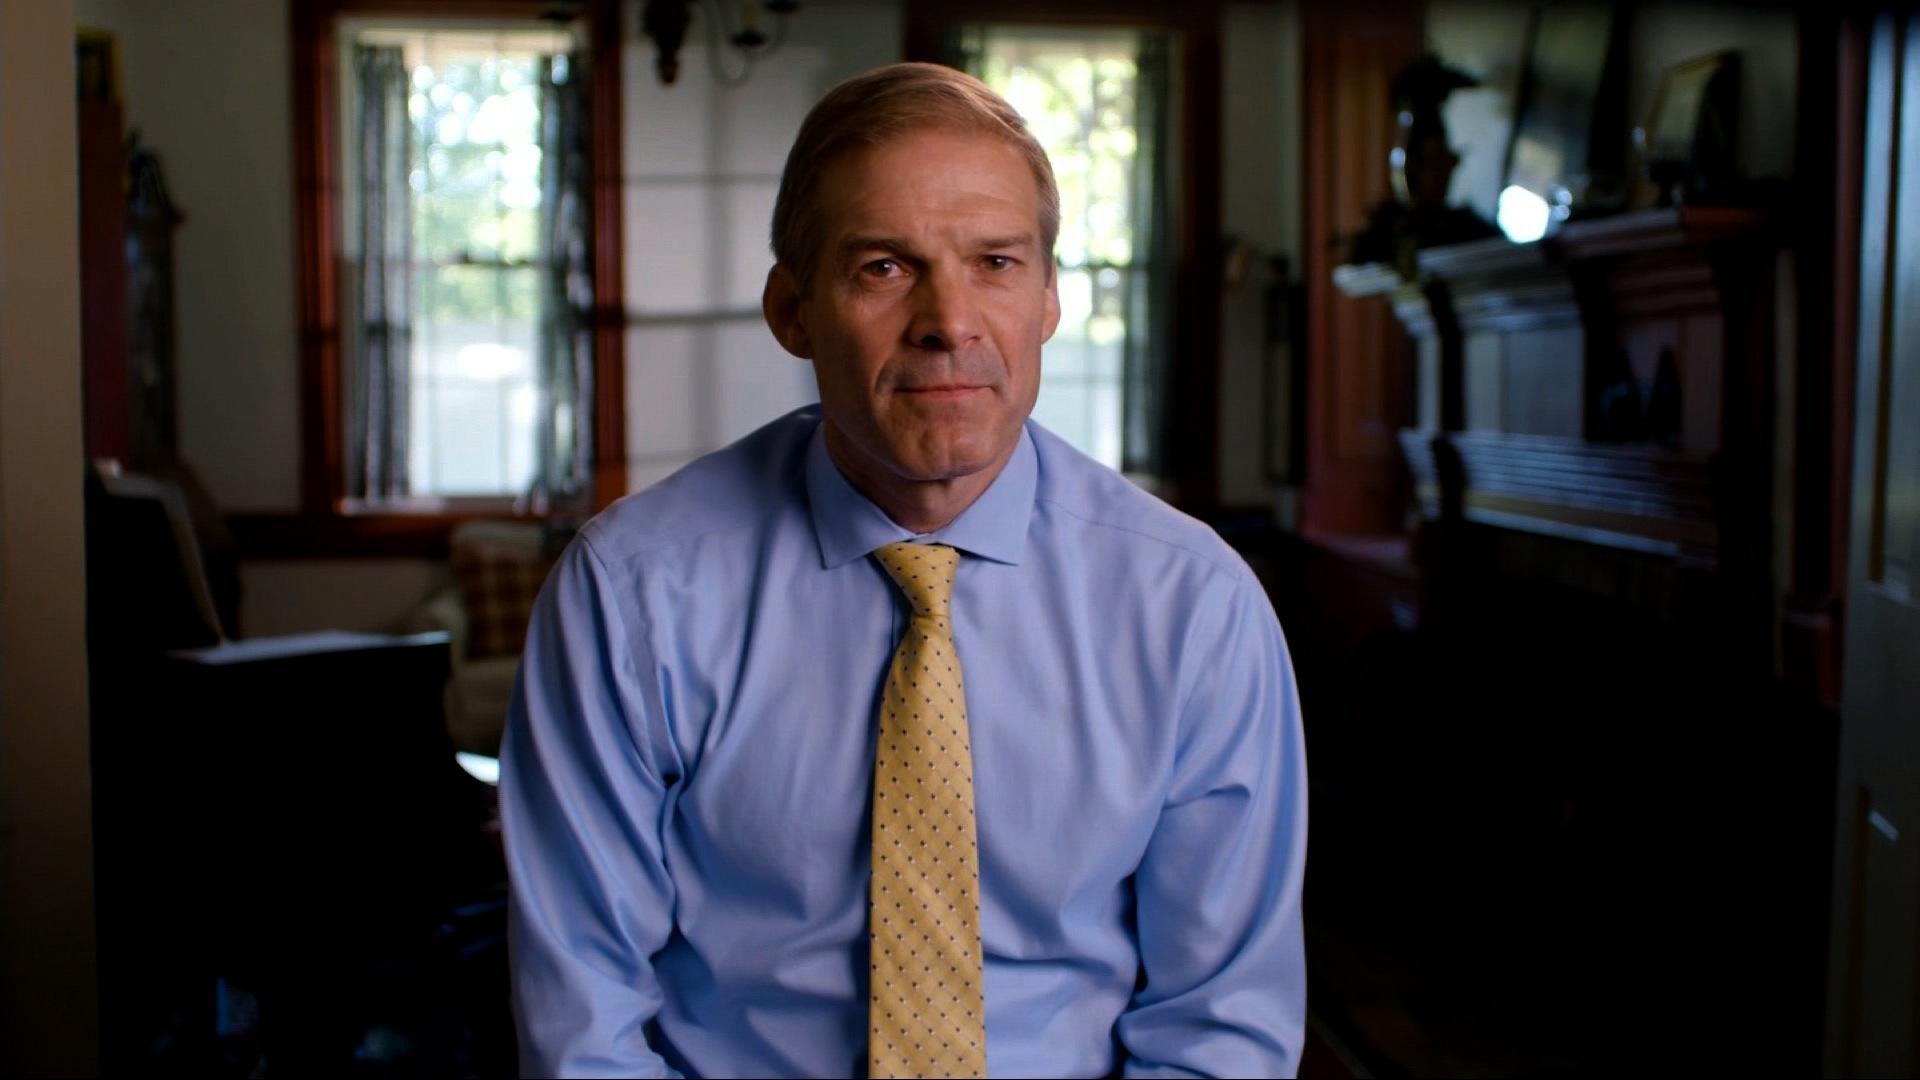 Ohio Republican Rep. Jim Jordan.